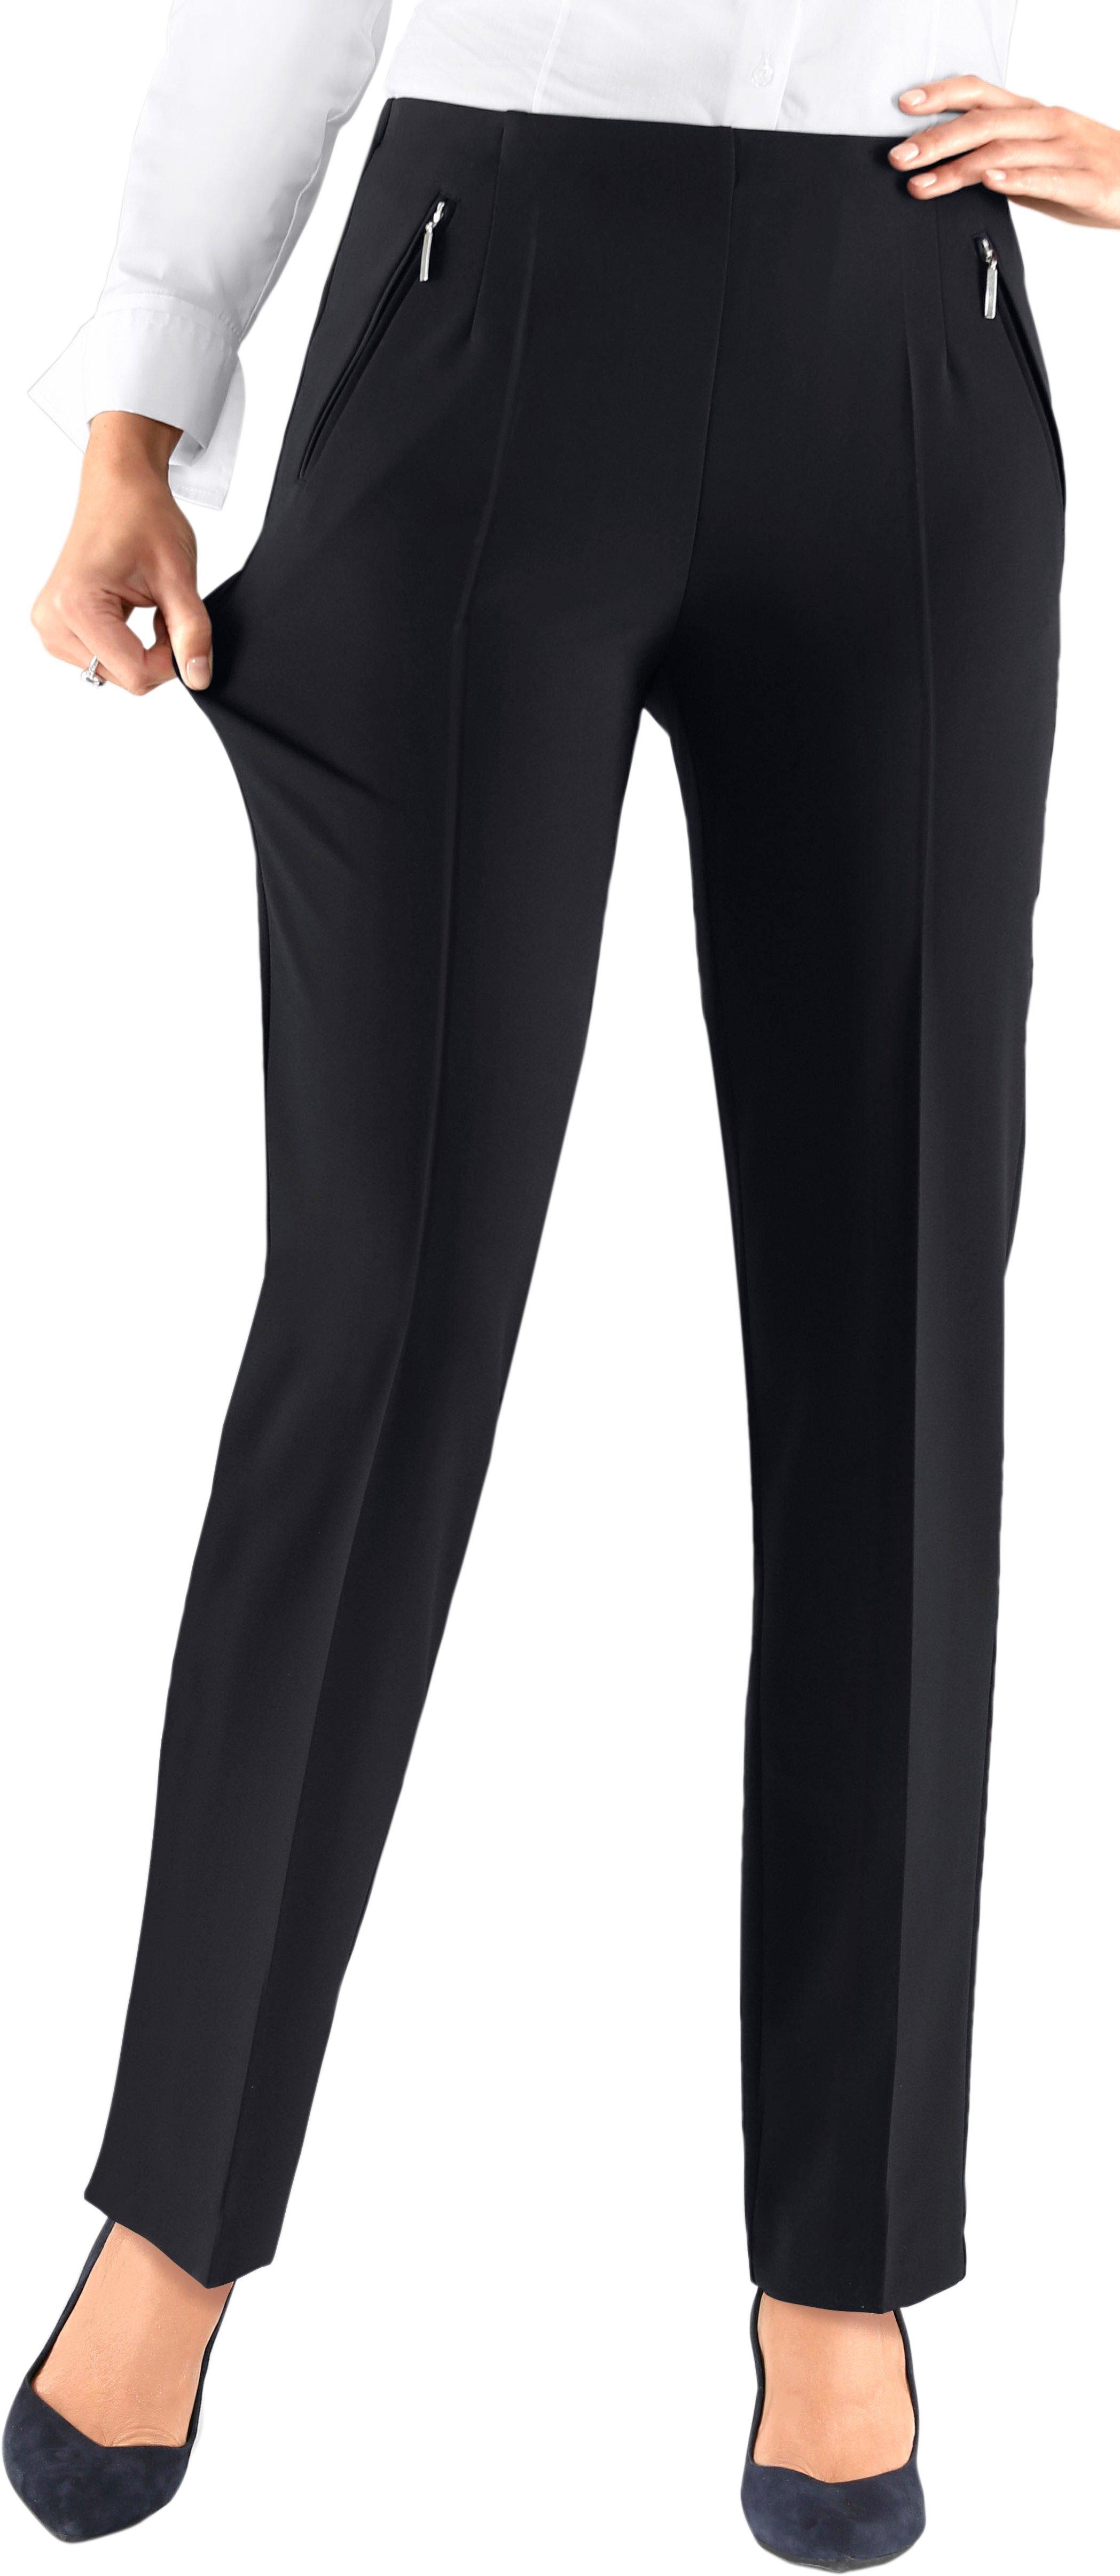 Adelina broek in bewegingselastische, vormvaste Magic-stretchkwaliteit bij OTTO online kopen